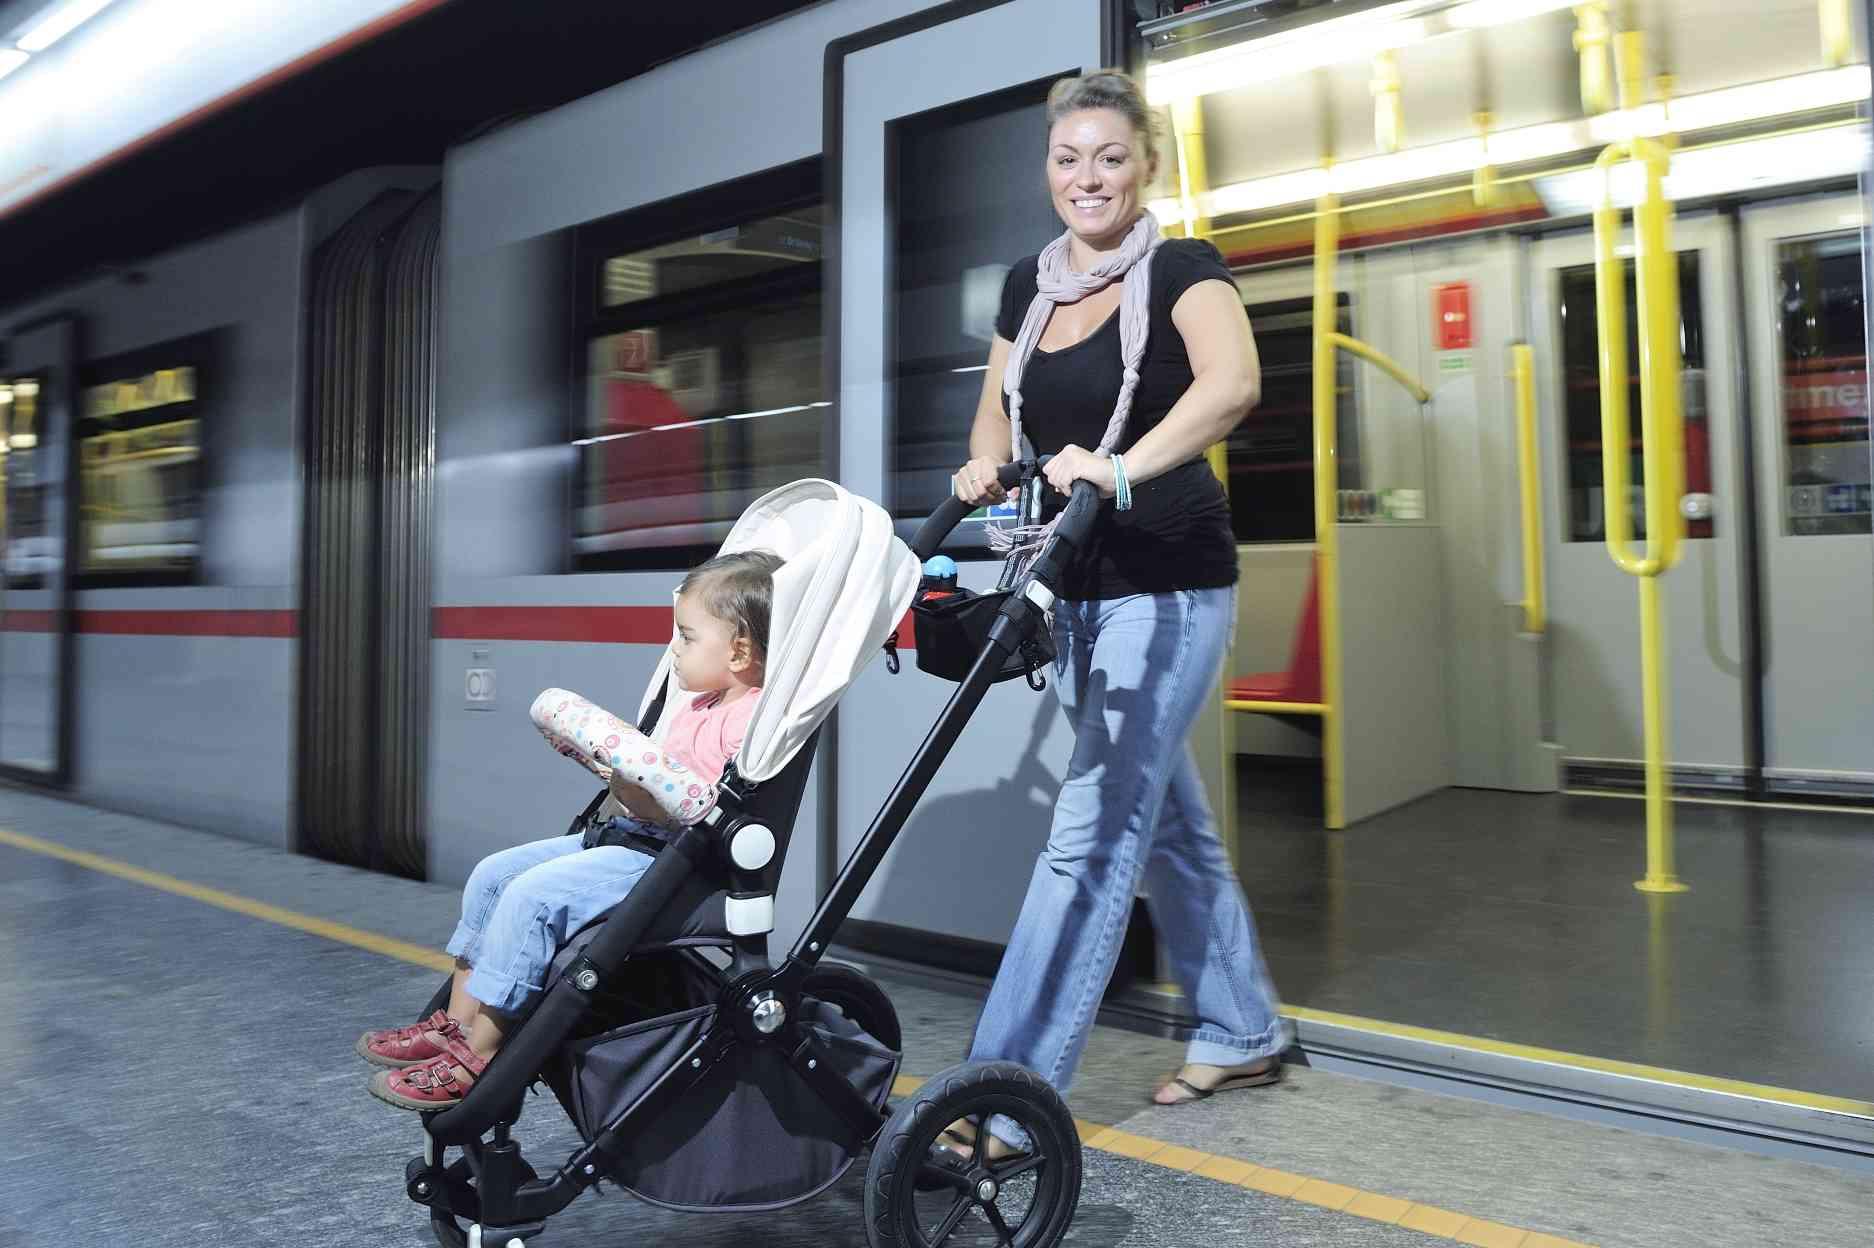 U-Bahnen und Busse sind bereits alle barrierefrei.